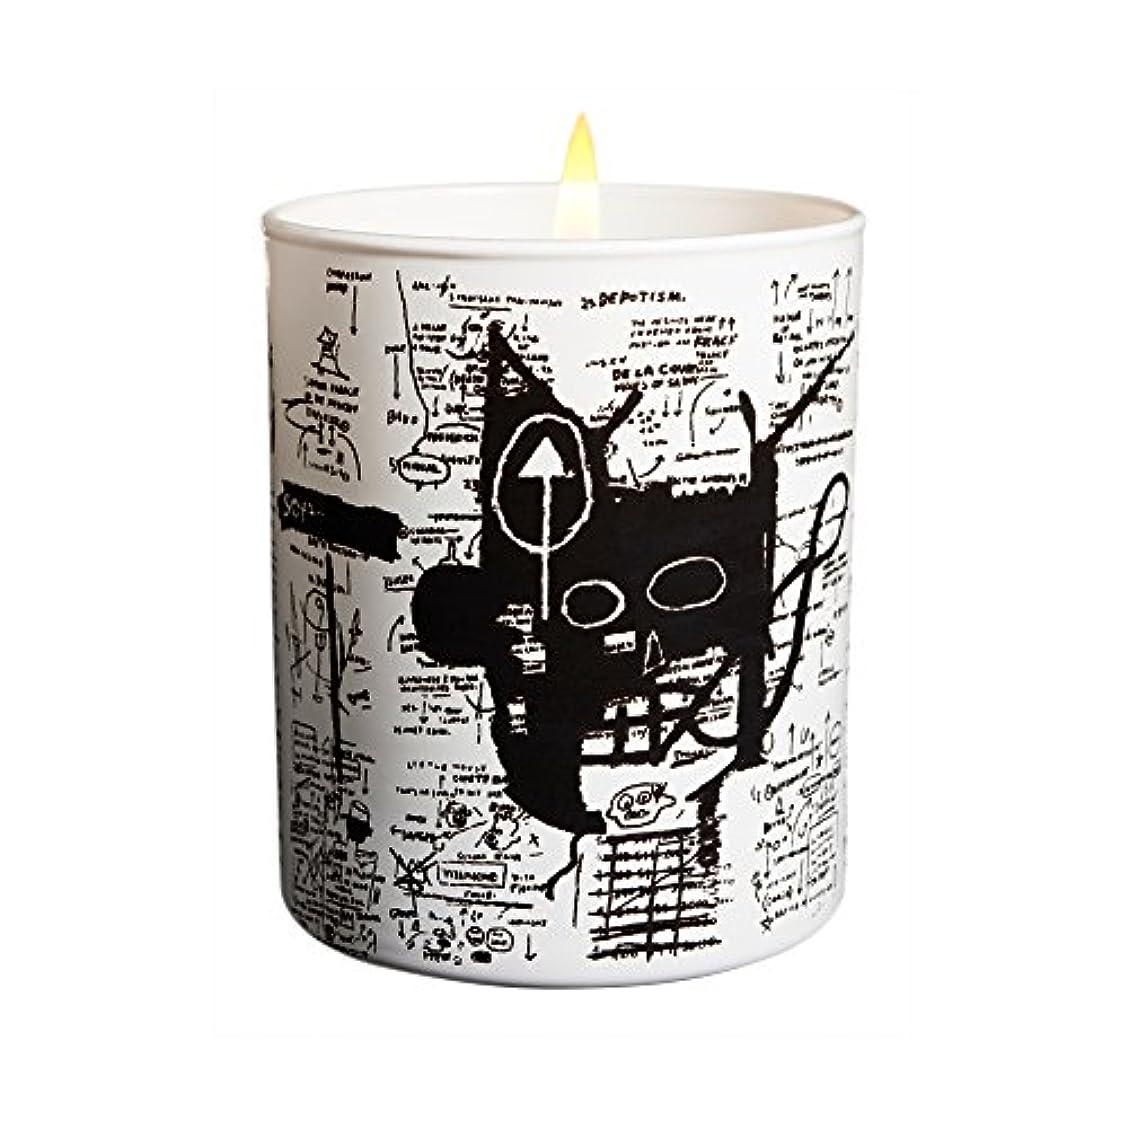 ダース実際コメントジャン ミシェル バスキア リターン オブ ザ セントラル フィギュア キャンドル(Jean-Michael Basquiat Perfumed Candle